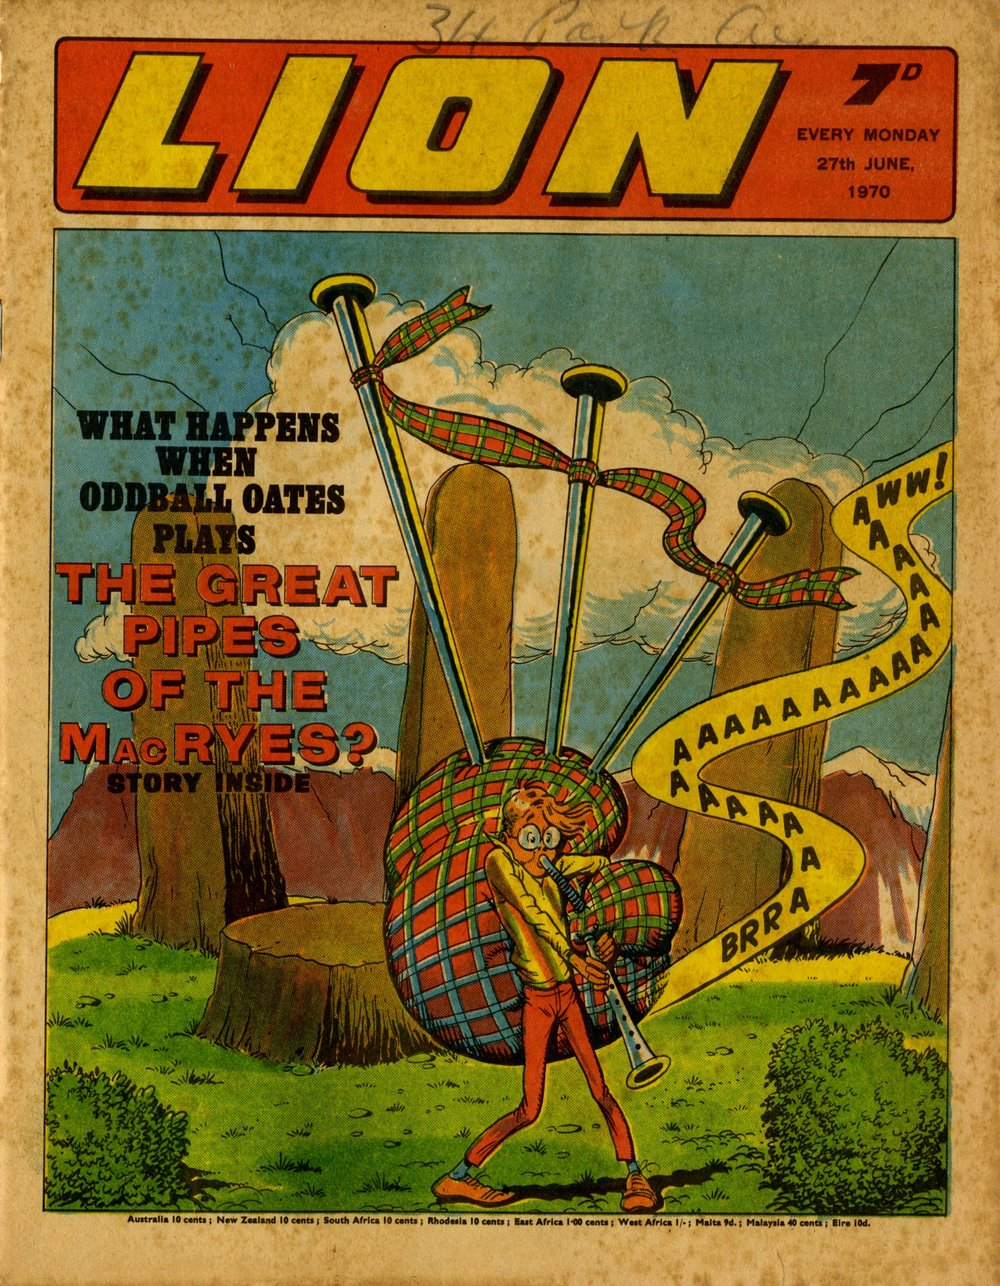 Cover artwork: Tom Kerr